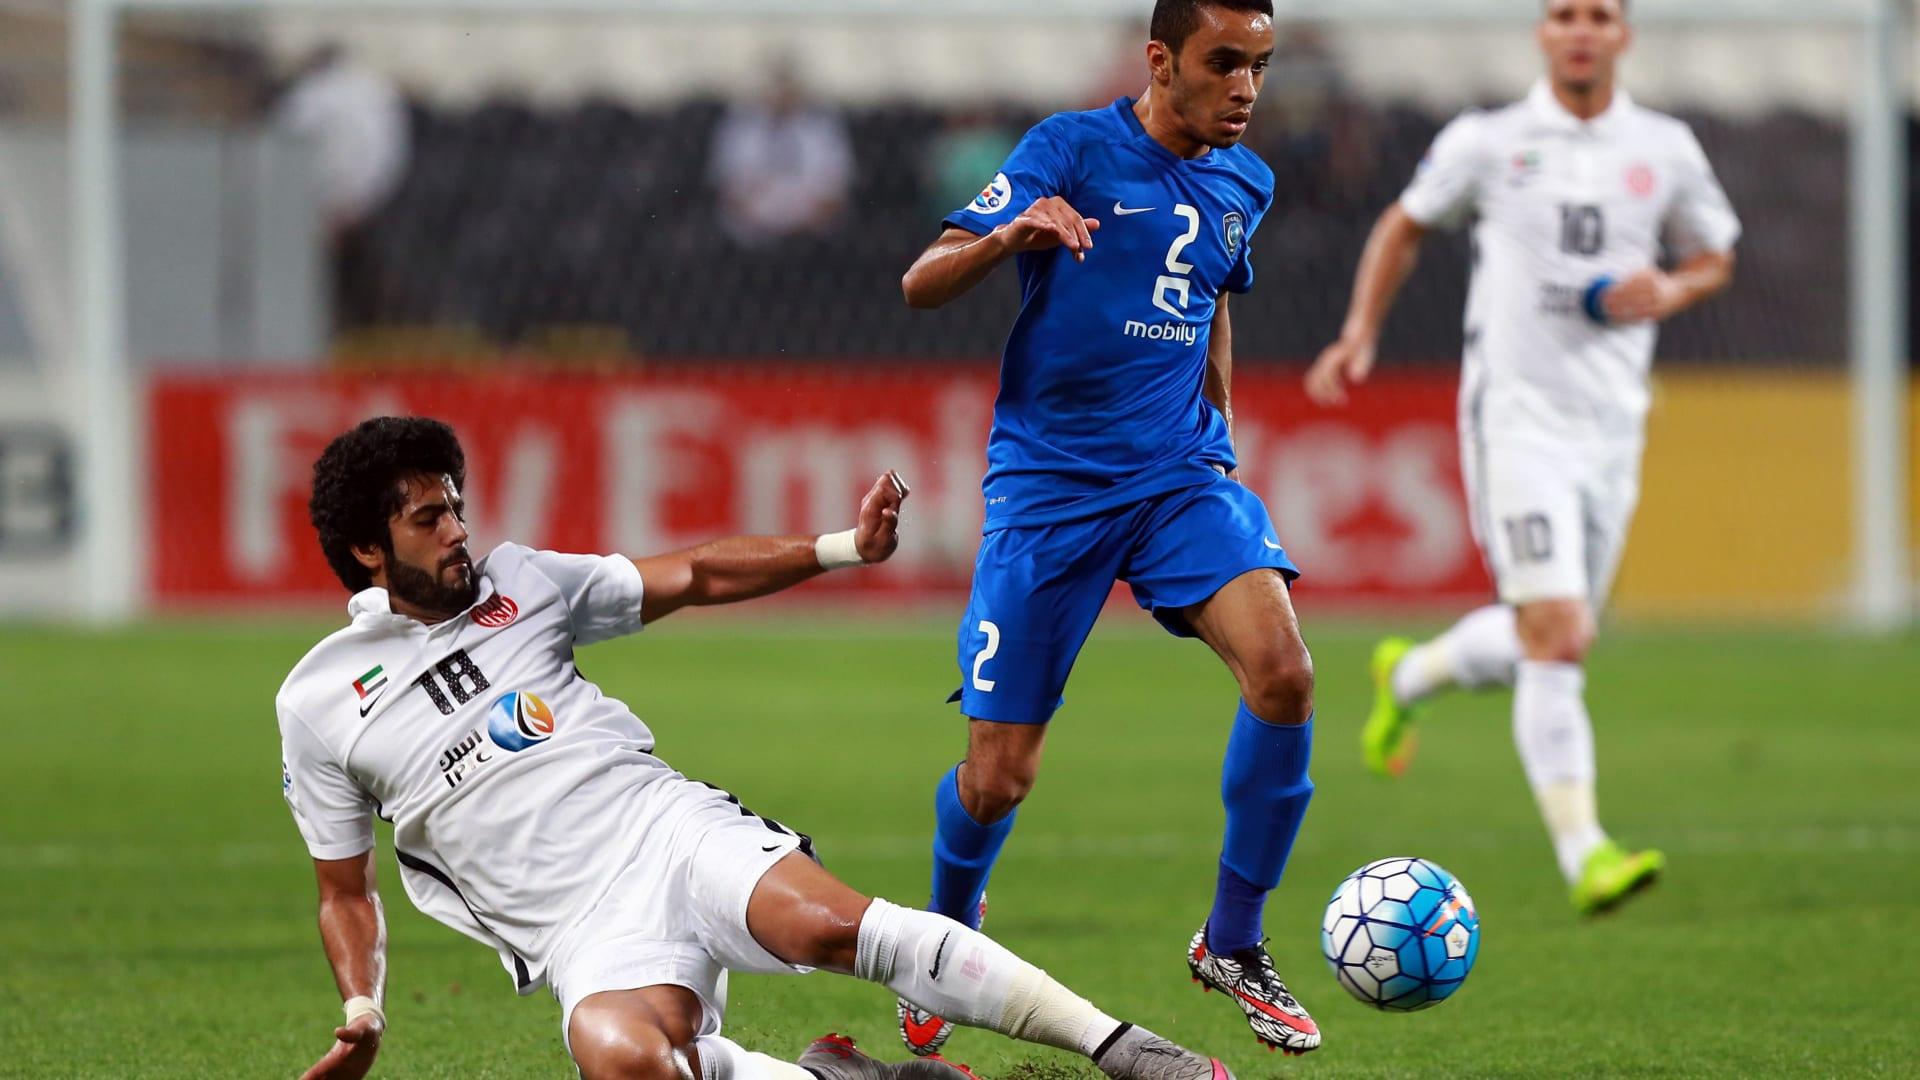 لاعب الجزيرة الإماراتي عبدالله موسى يحاول خطف الكرة من لاعب الهلال السعودي محمد البريك